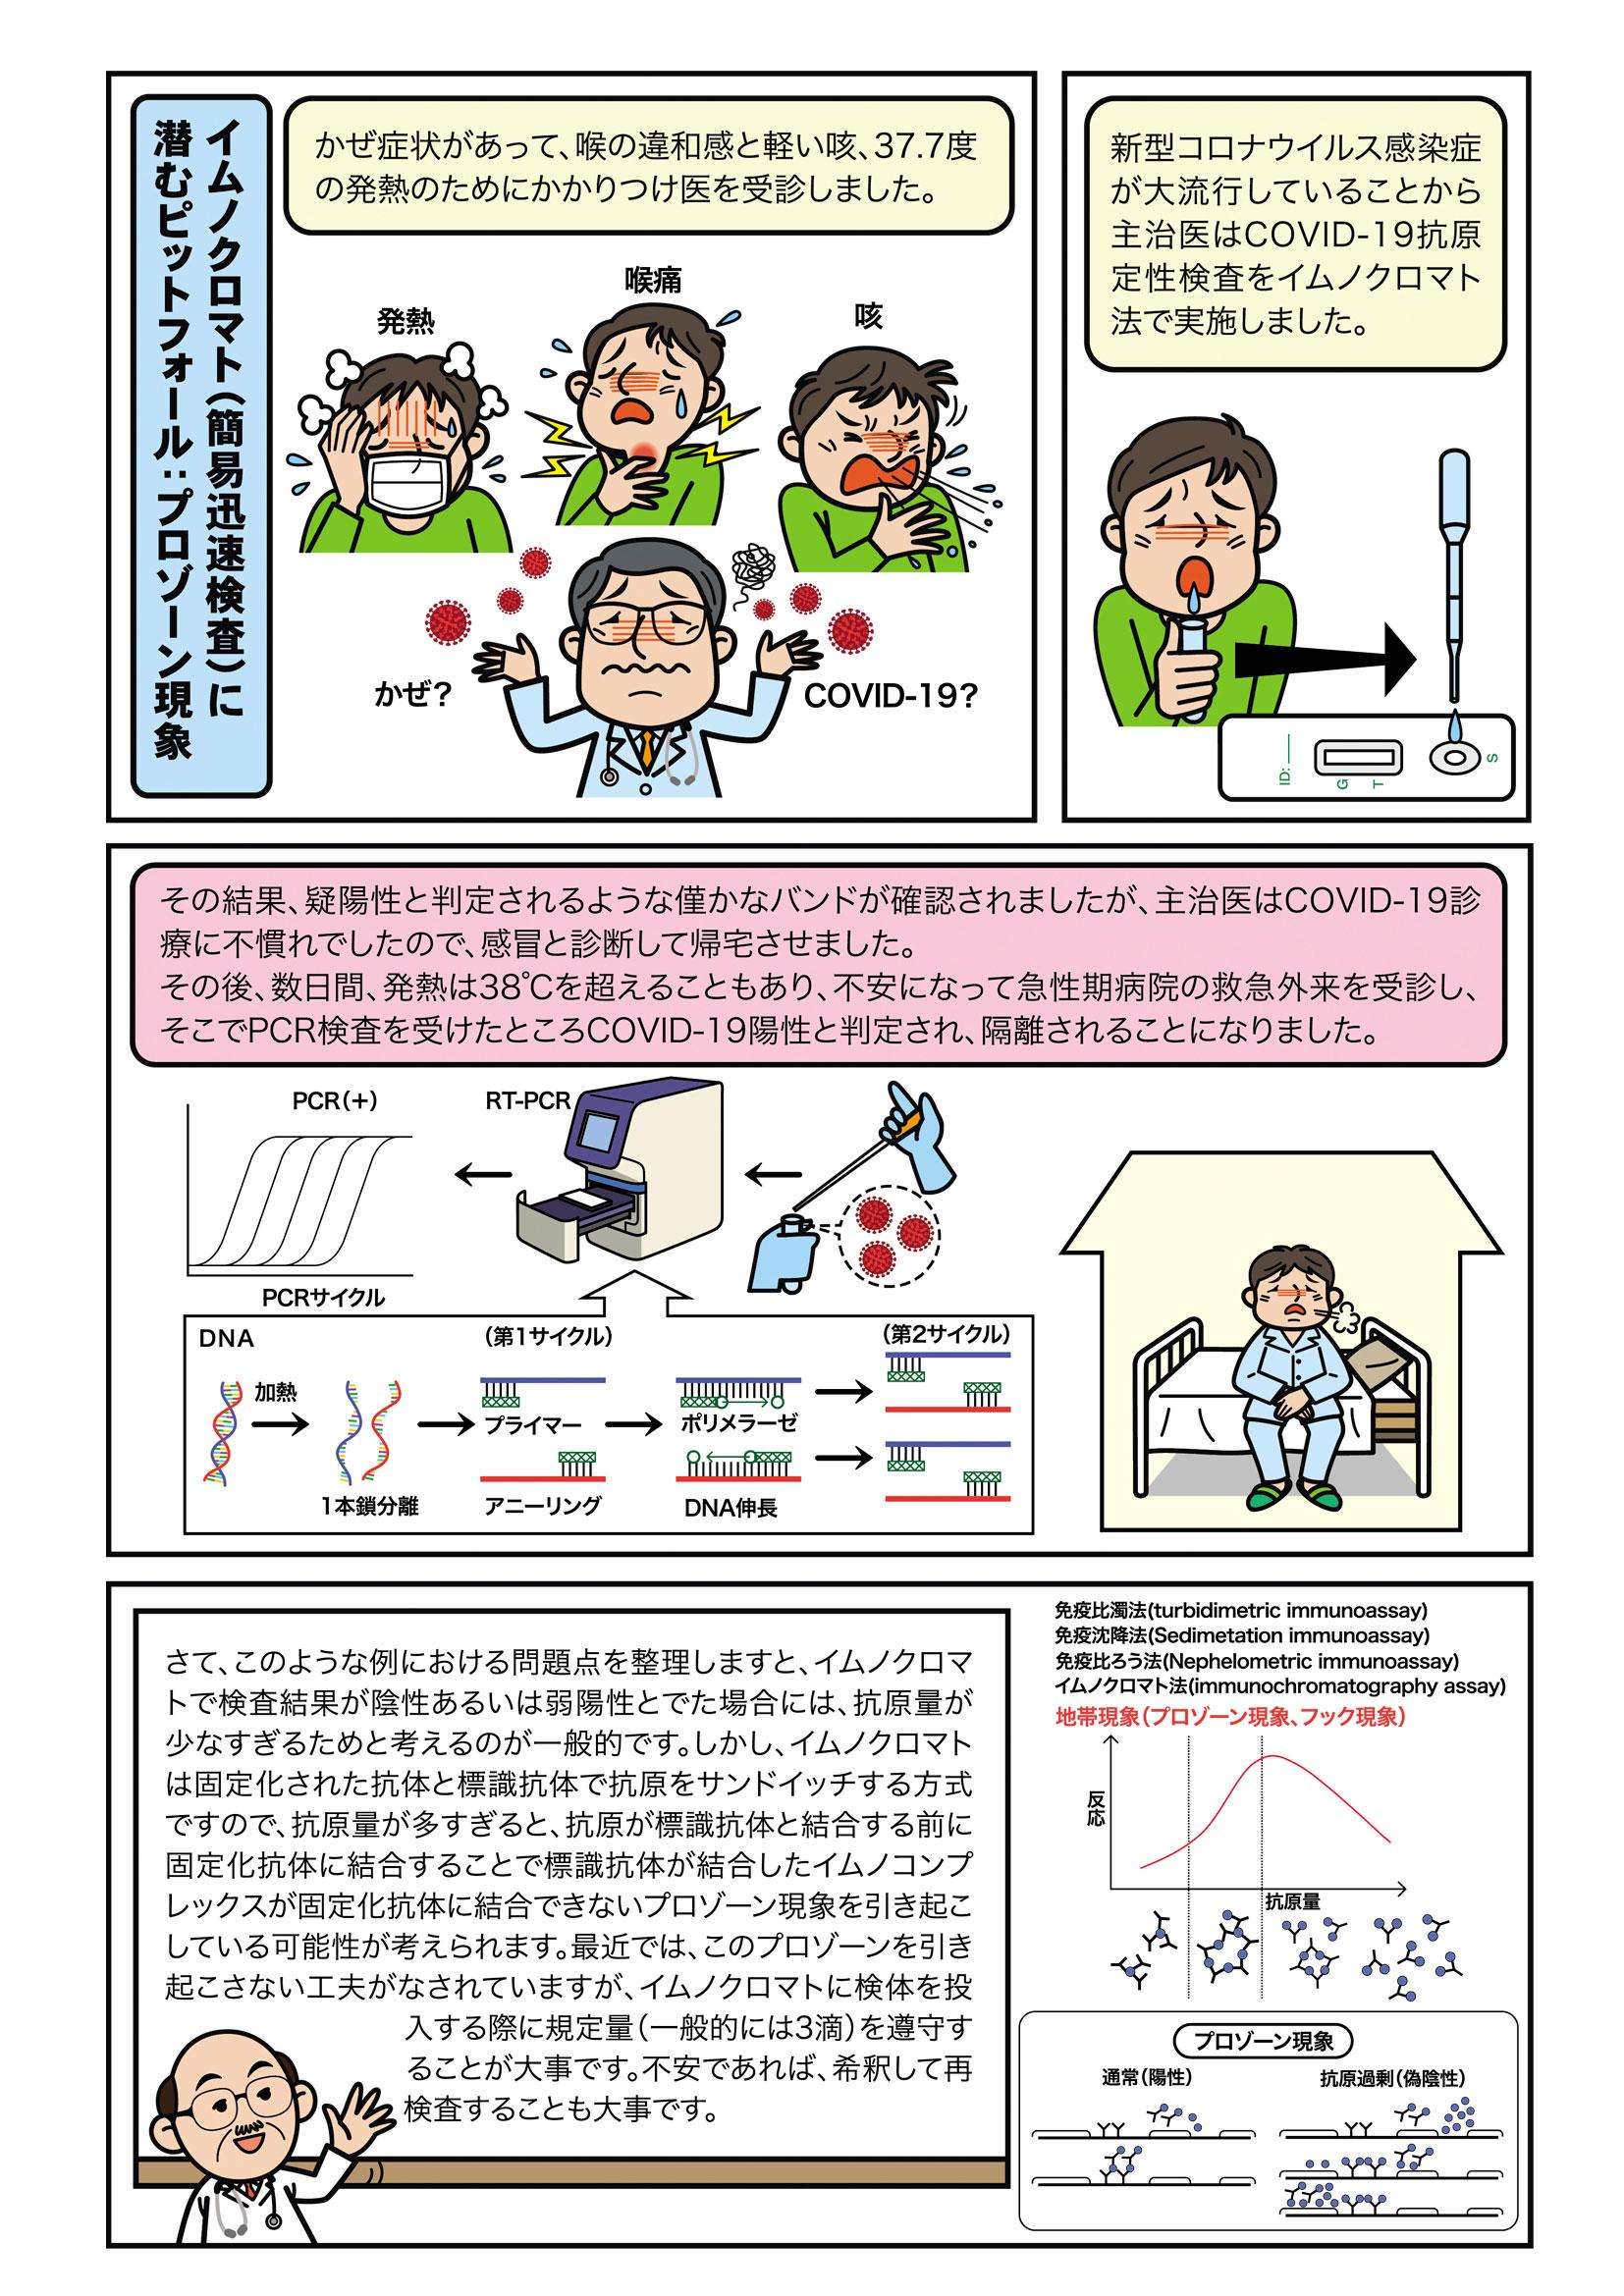 第13話 イムノクロマト(簡易迅速検査)に潜むピットフォール:プロゾーン現象